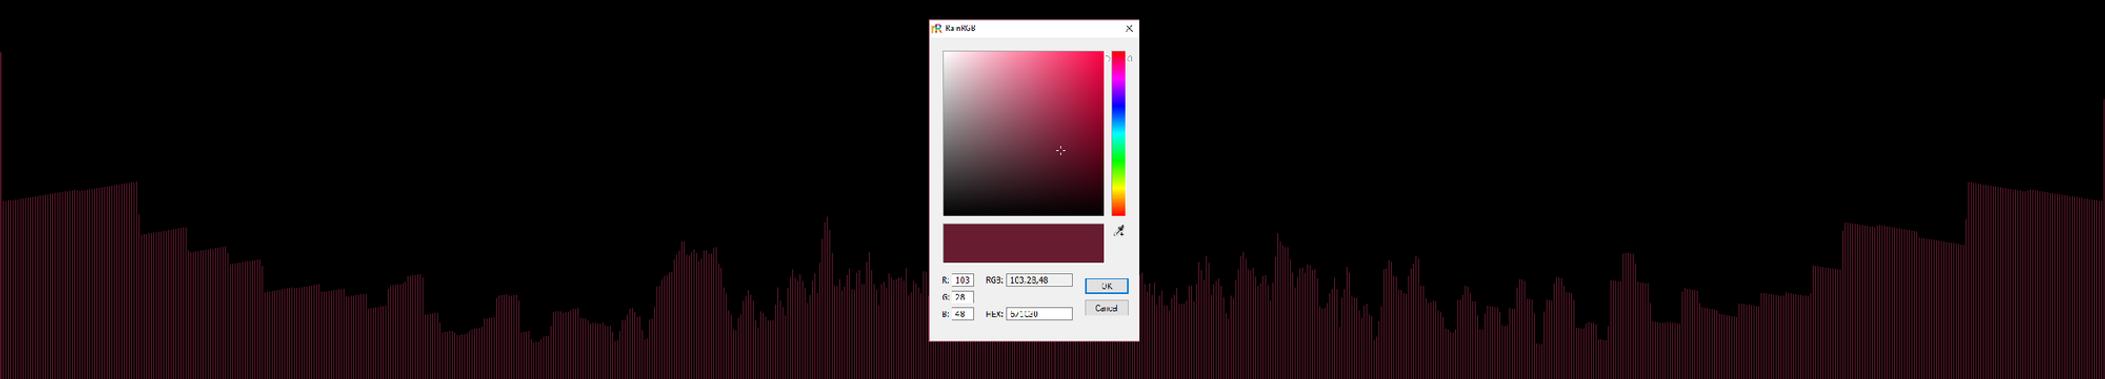 Heke's Visualiser for QHD Resolution (No Delay) by KattyGaz0423